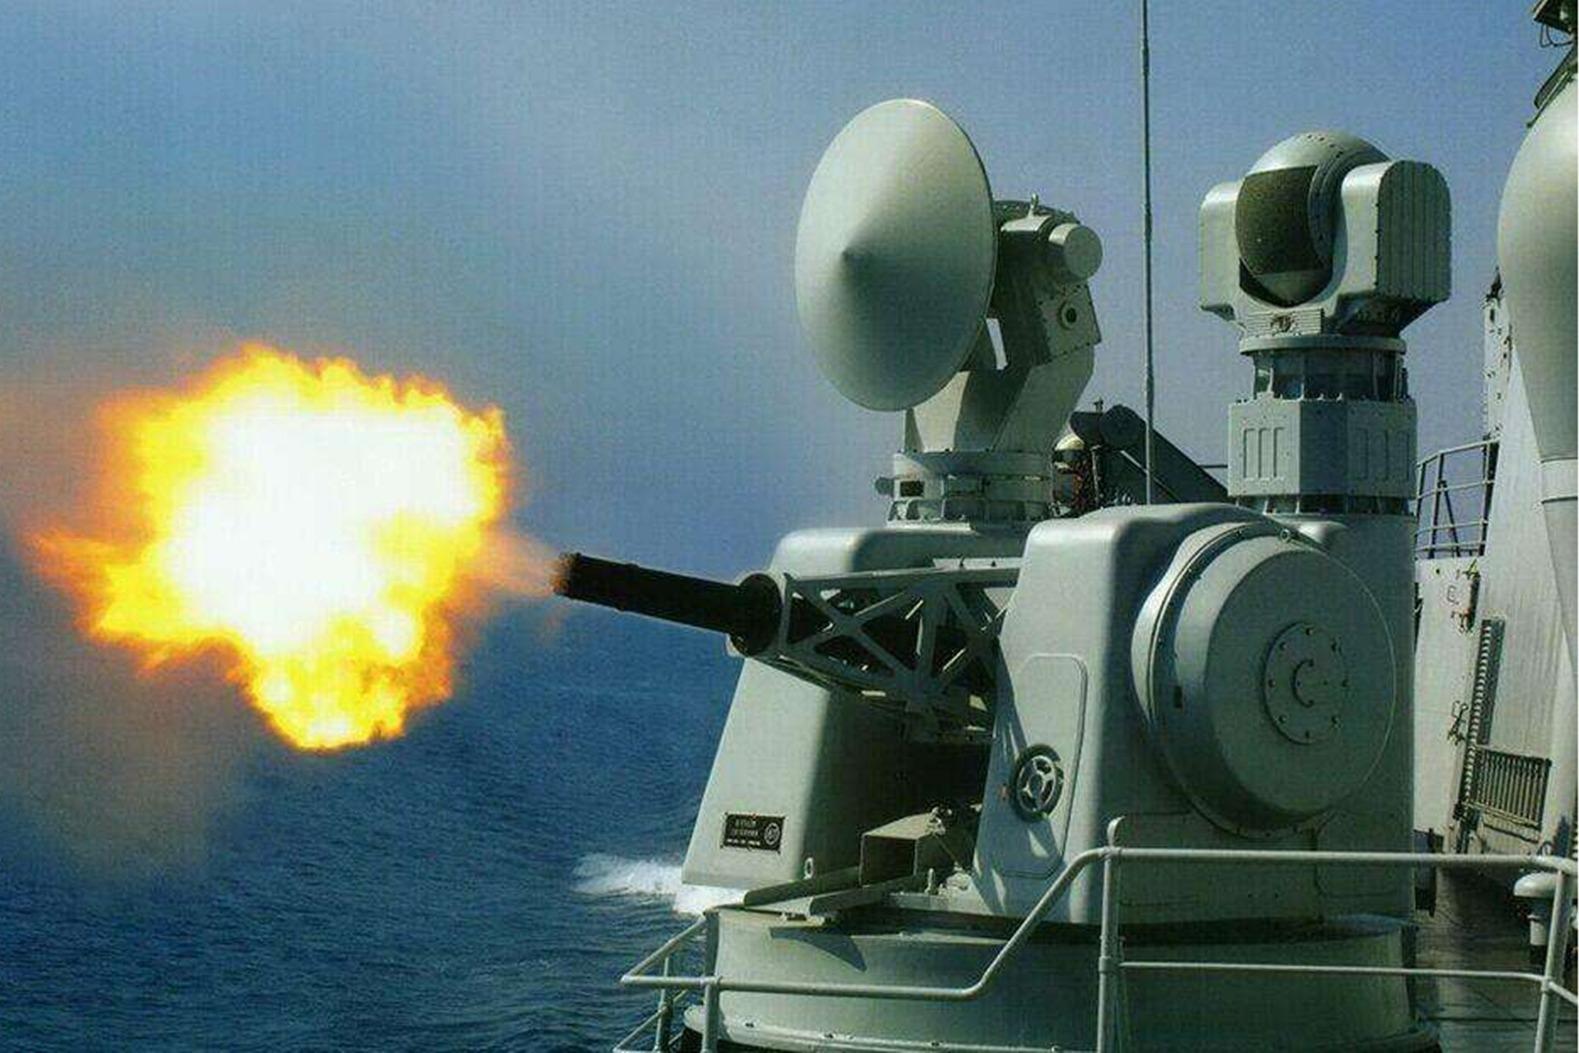 我国研制的730近防系统 综合作战能力超过美国密集阵系统